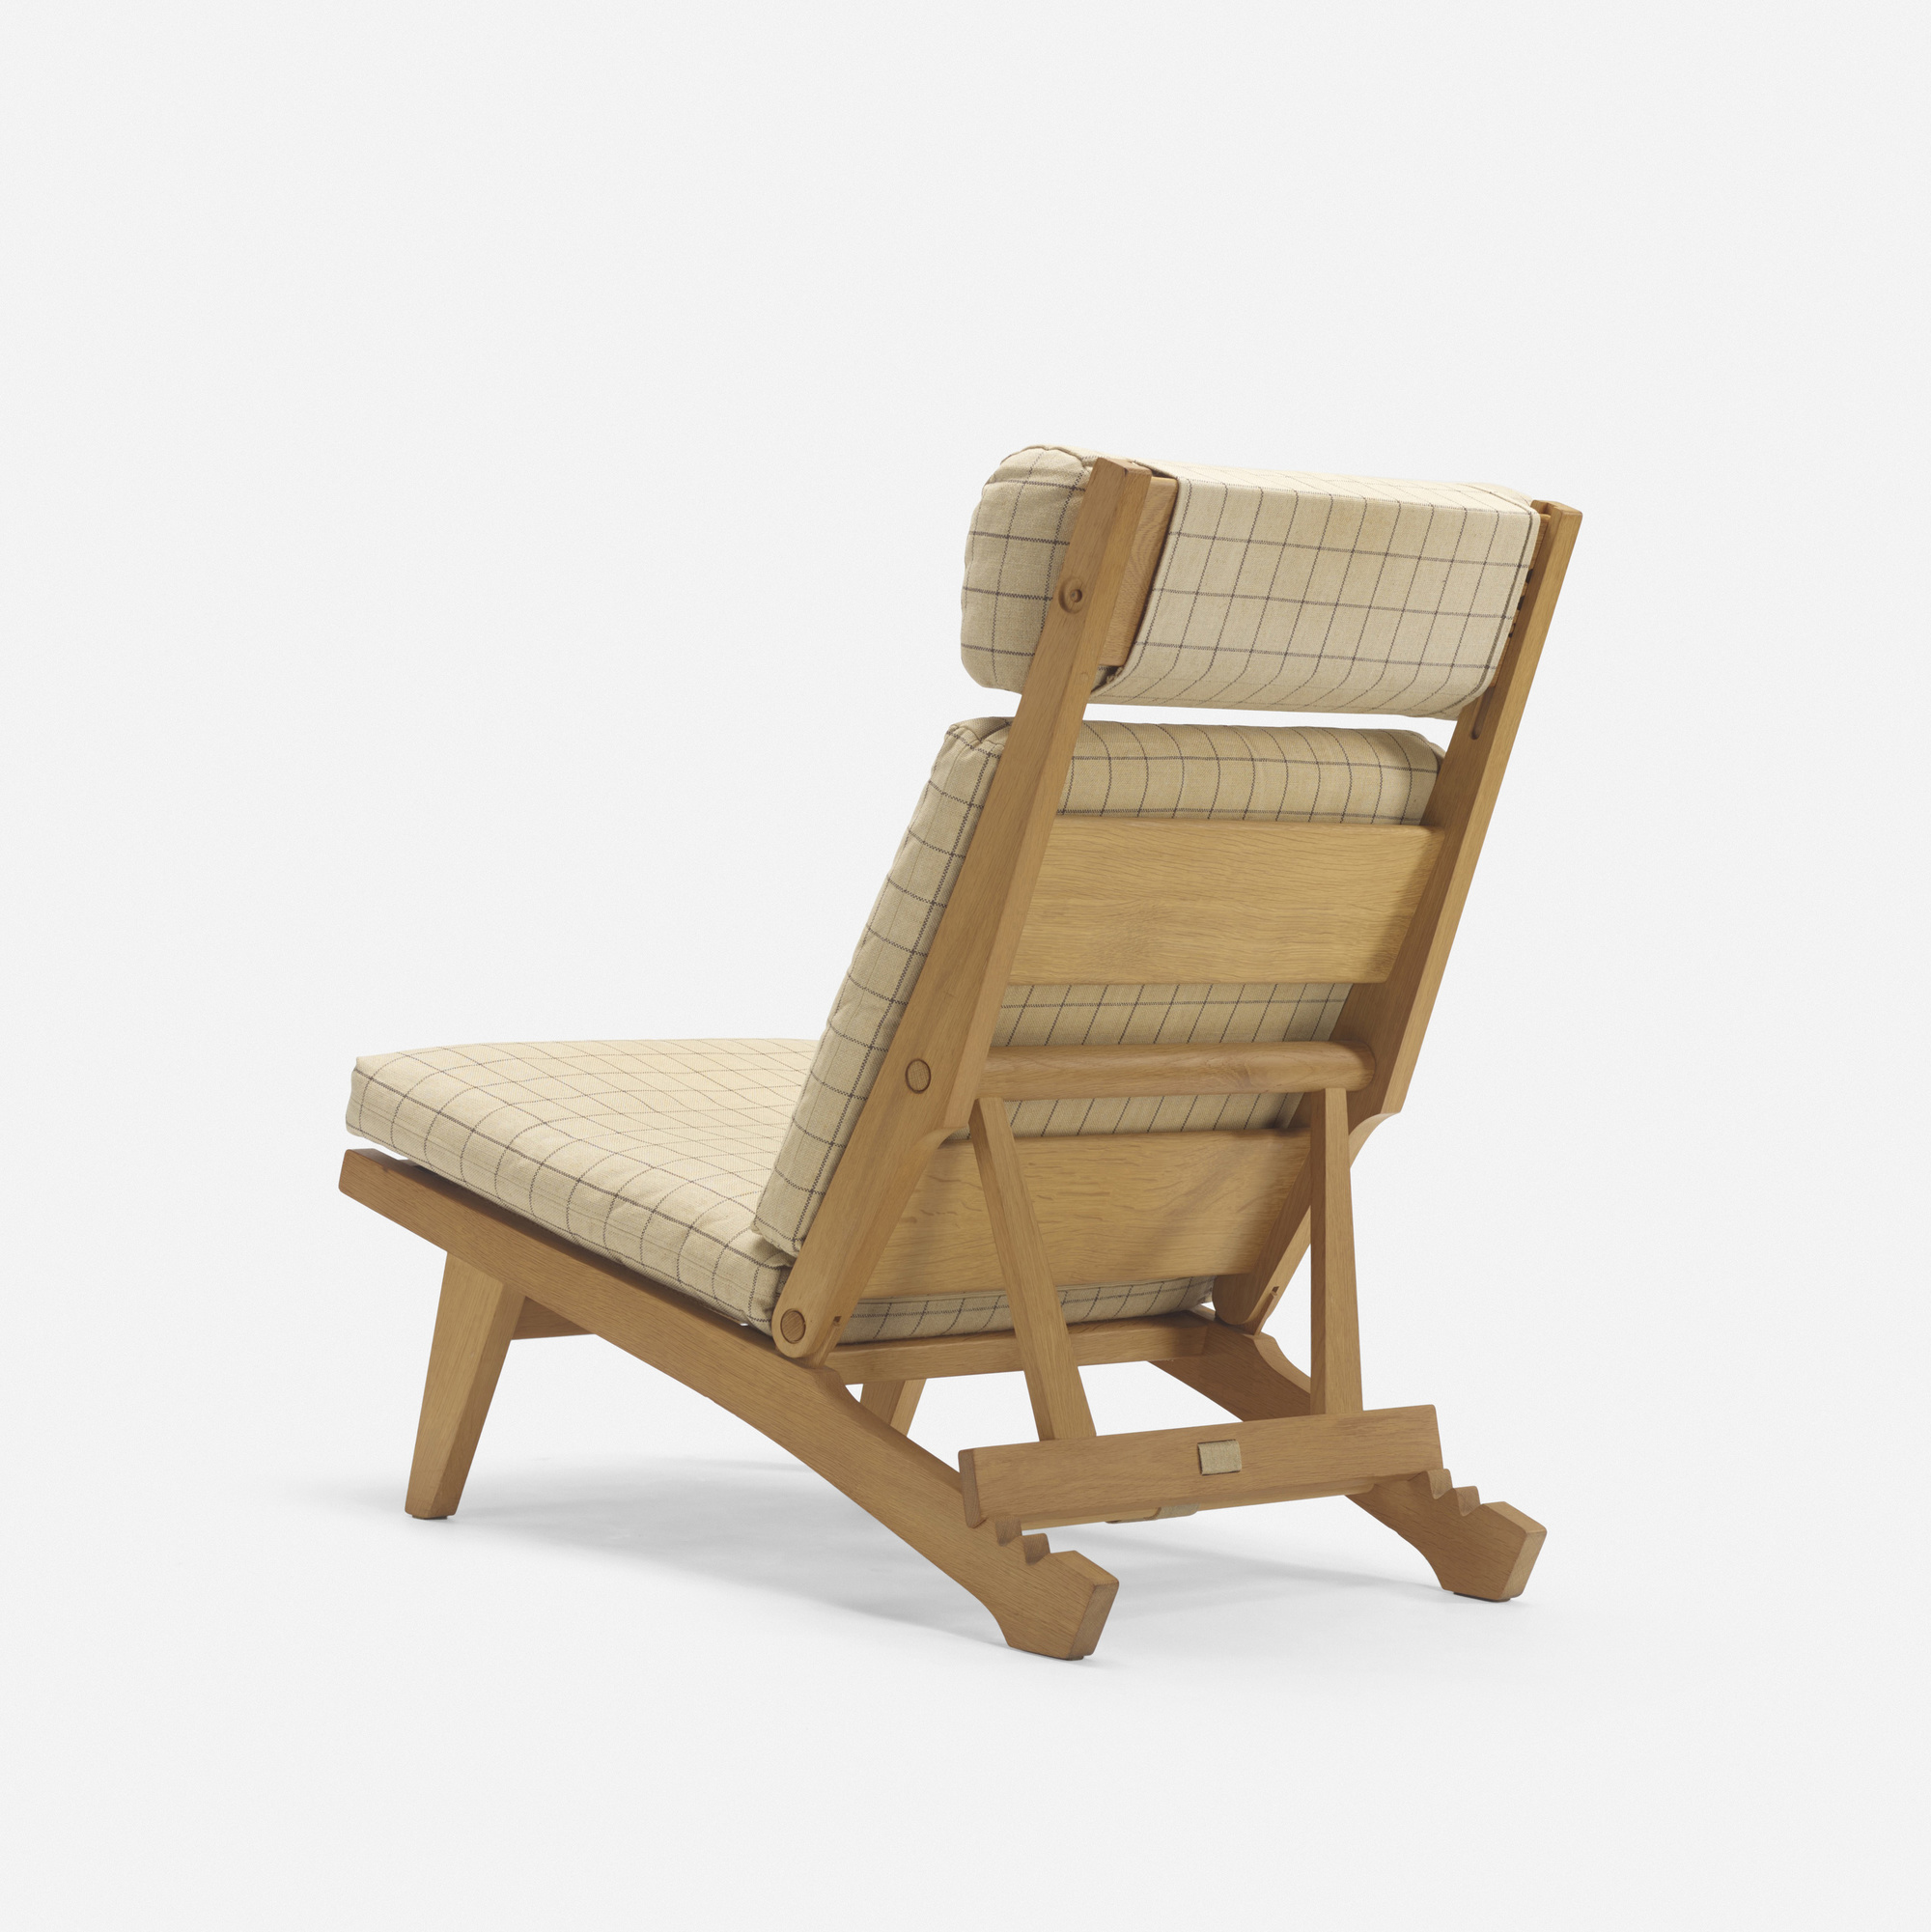 Charmant ... 294: Hans J. Wegner / Lounge Chair, Model GE375 (2 Of 3